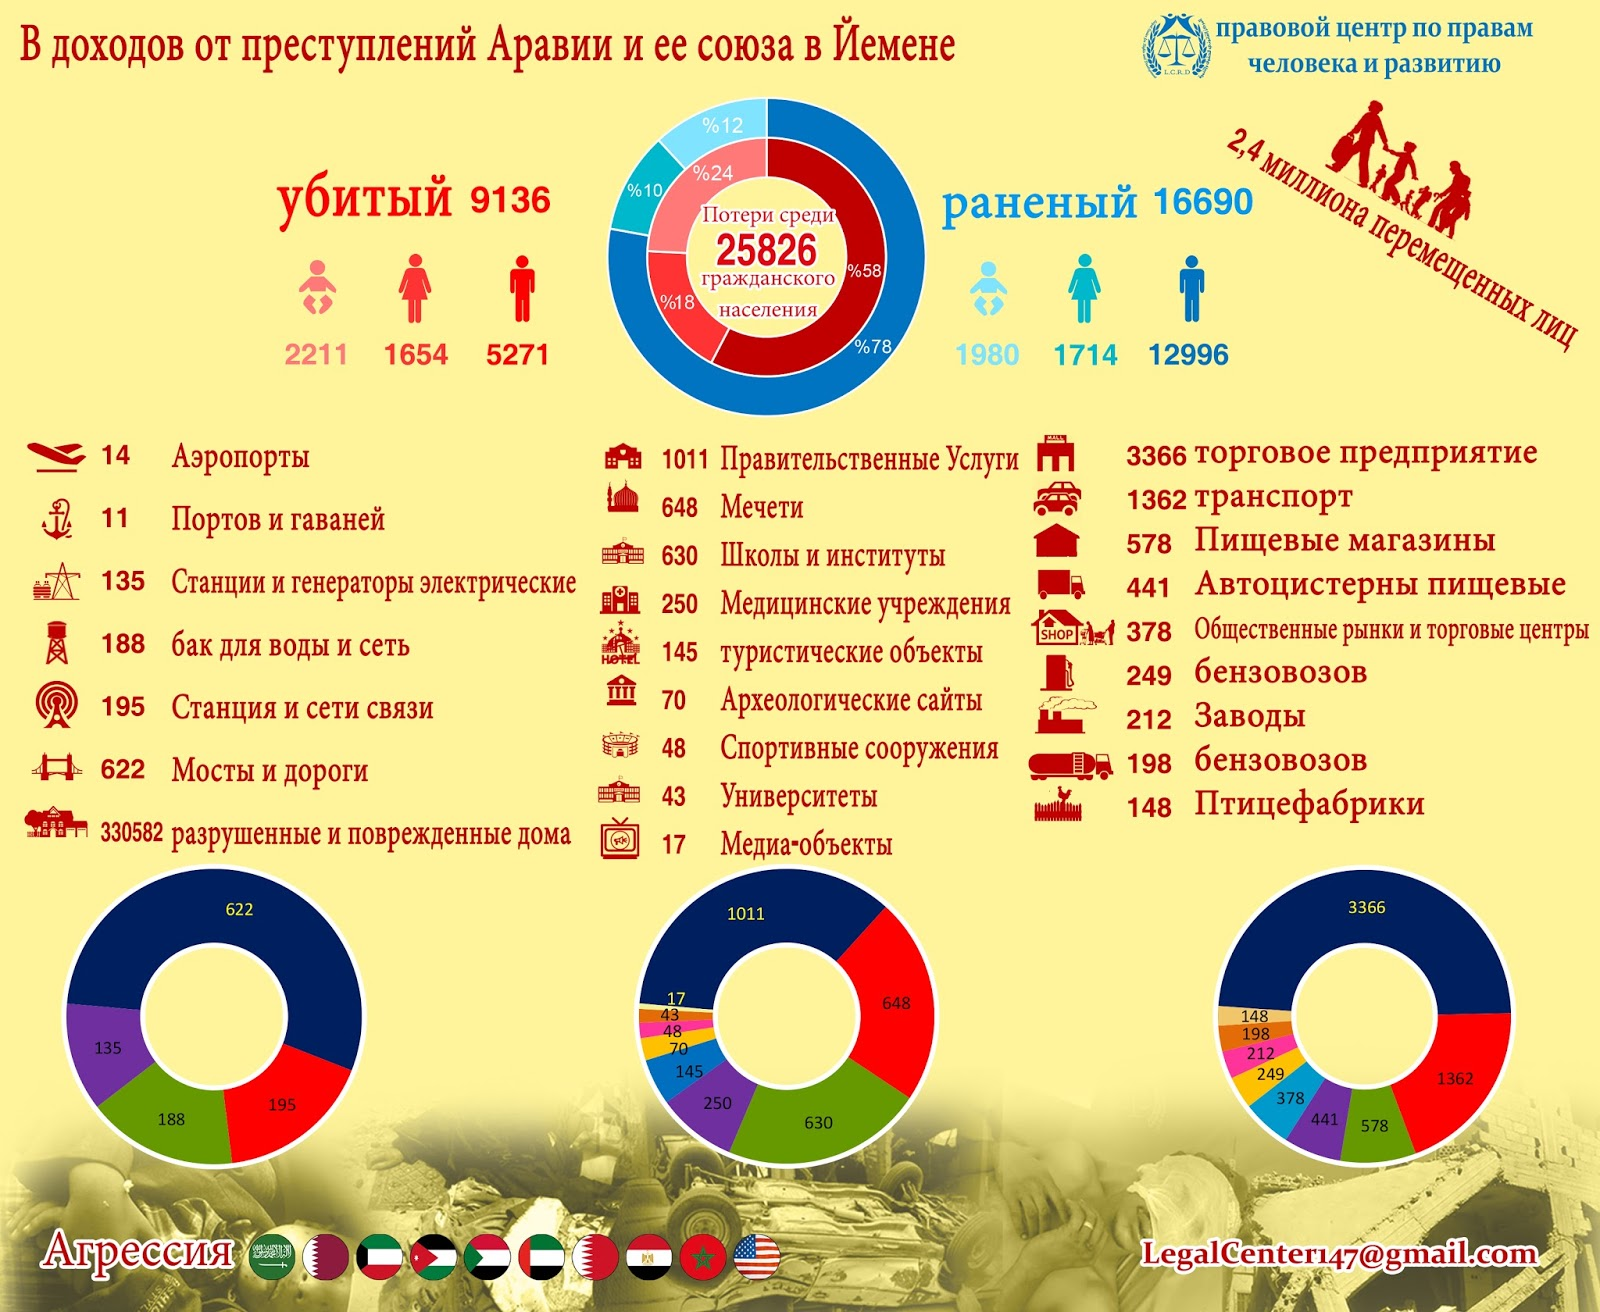 إحصائية عام من العدوان السعودي باللغة الروسية